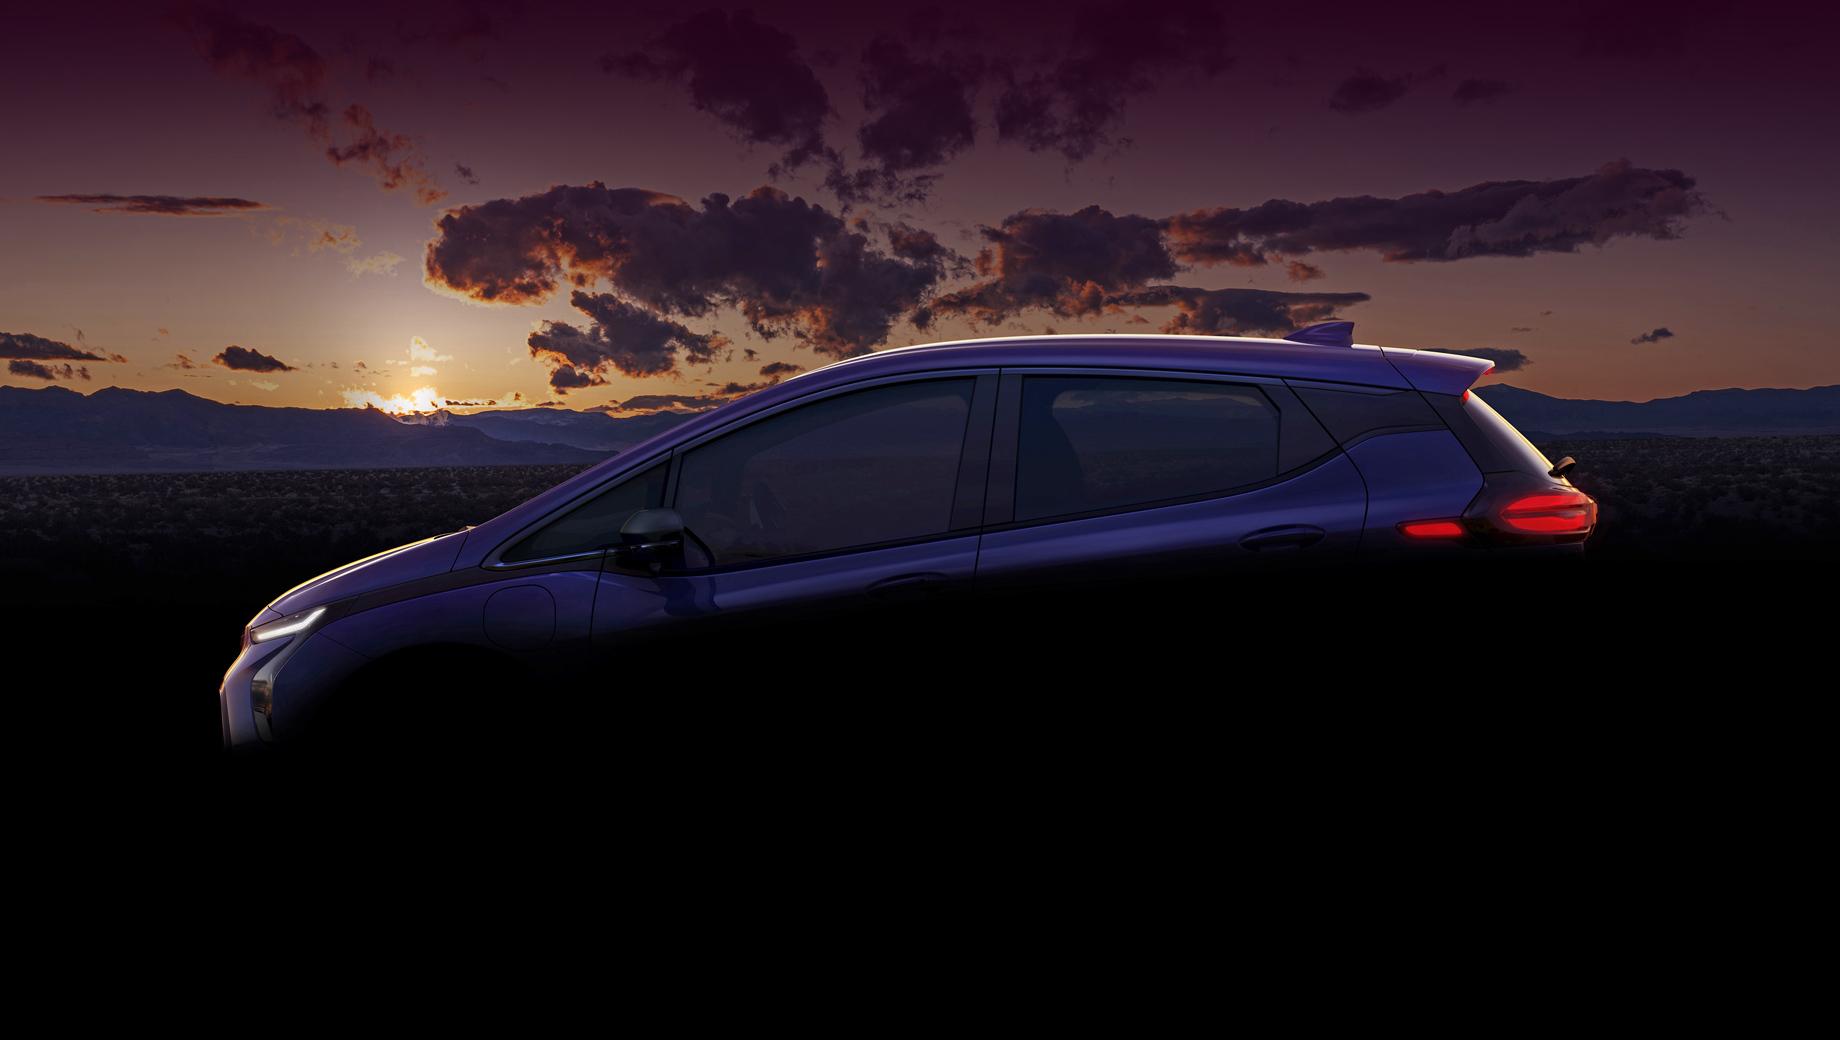 Chevrolet bolt,Chevrolet bolt euv. На тизере уже можно приметить, что у хэтчбека изменился передний бампер и появились очень узкие фары, поубавилось хрома в отделке, поменялся декор на задней стойке. Фонари — с новой графикой.